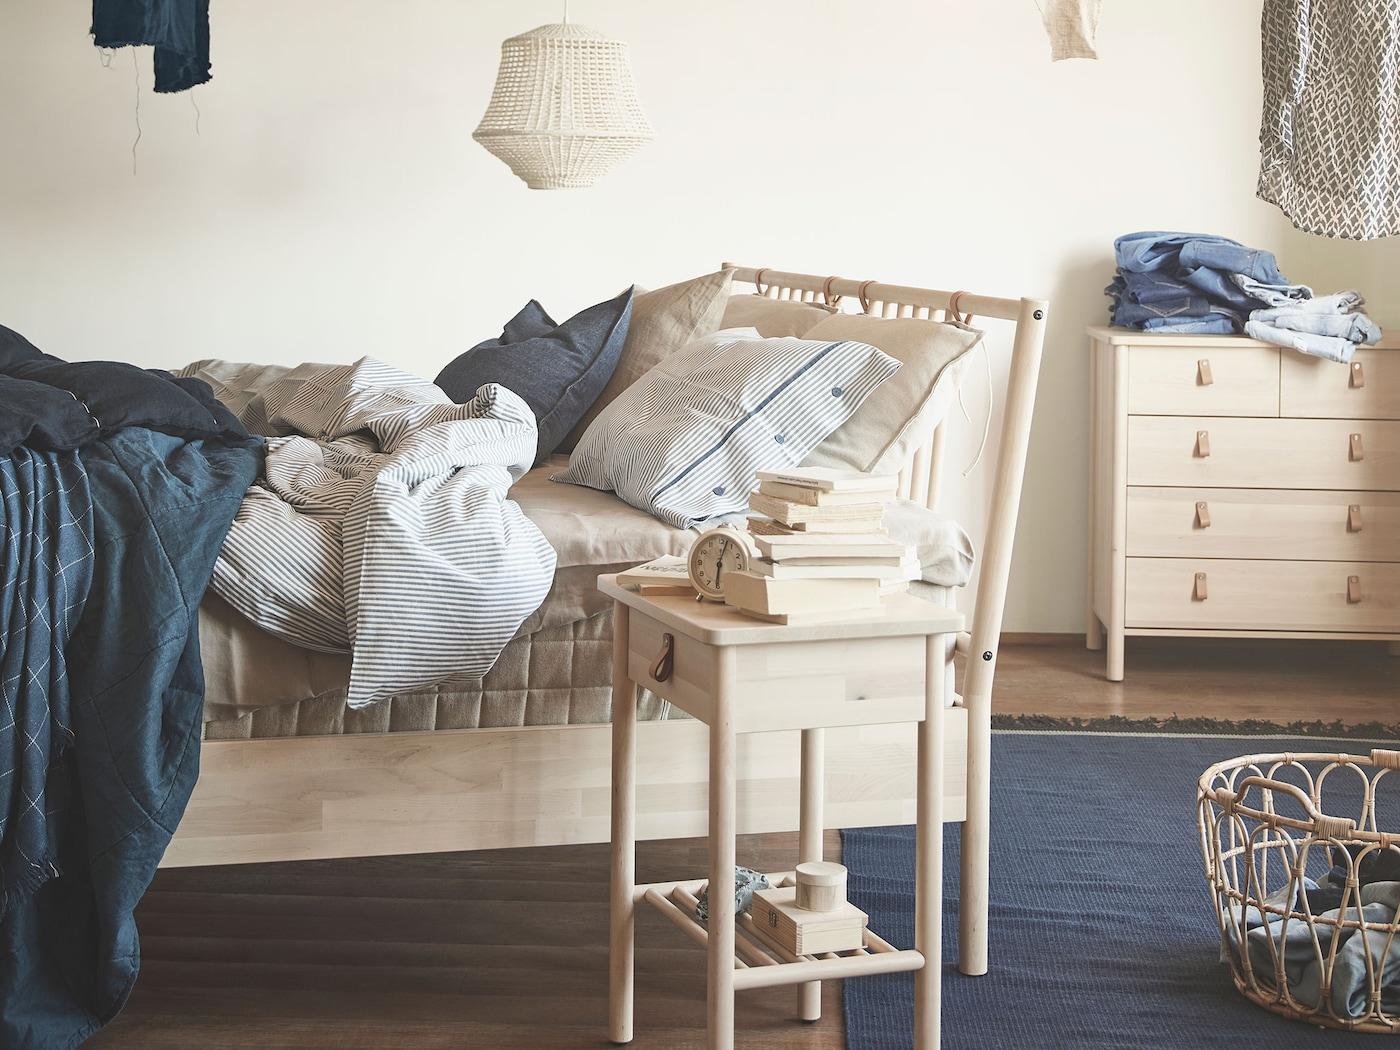 Slaapkamer met BJÖRKSNÄS bedframe, nachttafeltje en ladekast in massief berken, afgewerkt met lichtbruine lederen handgrepen.